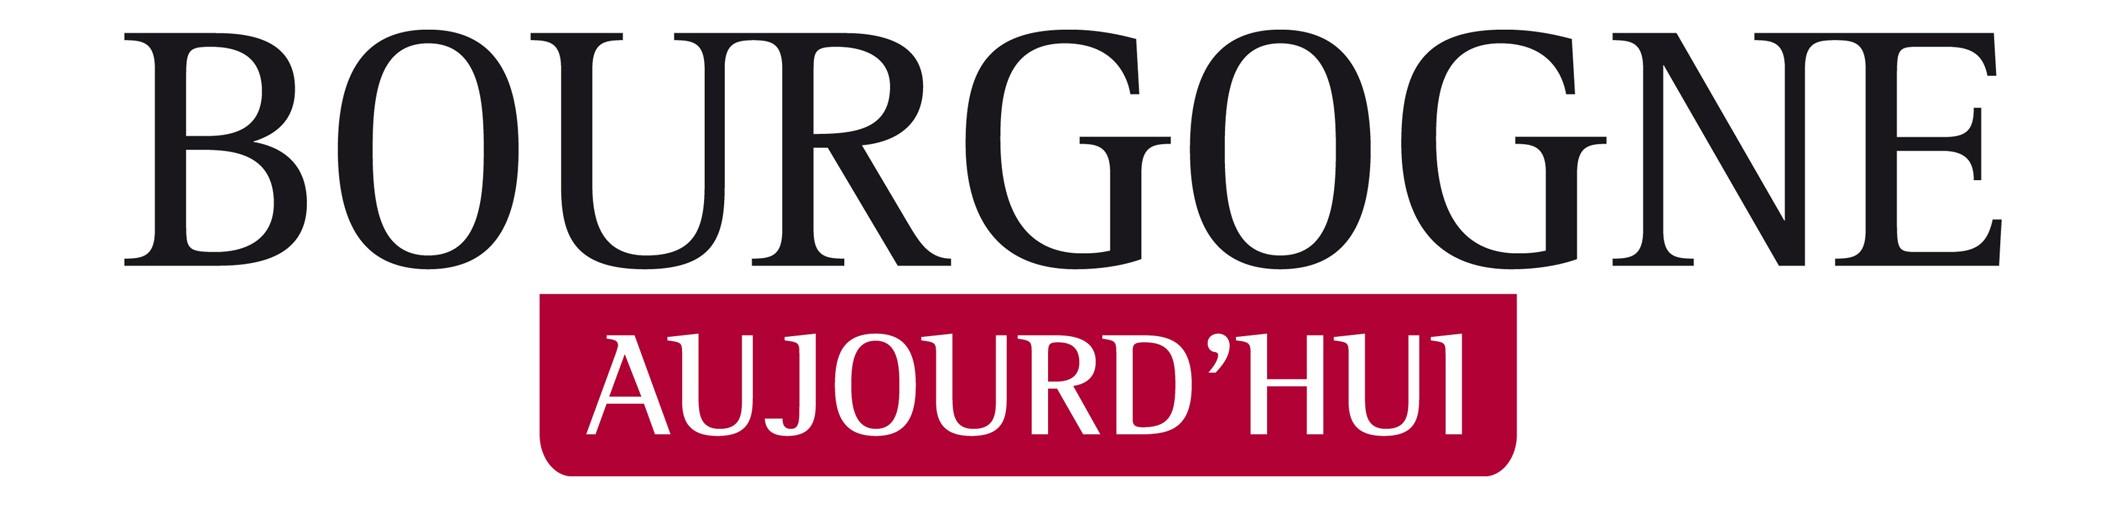 bourgogne-aujourd-hui-15-20-2021